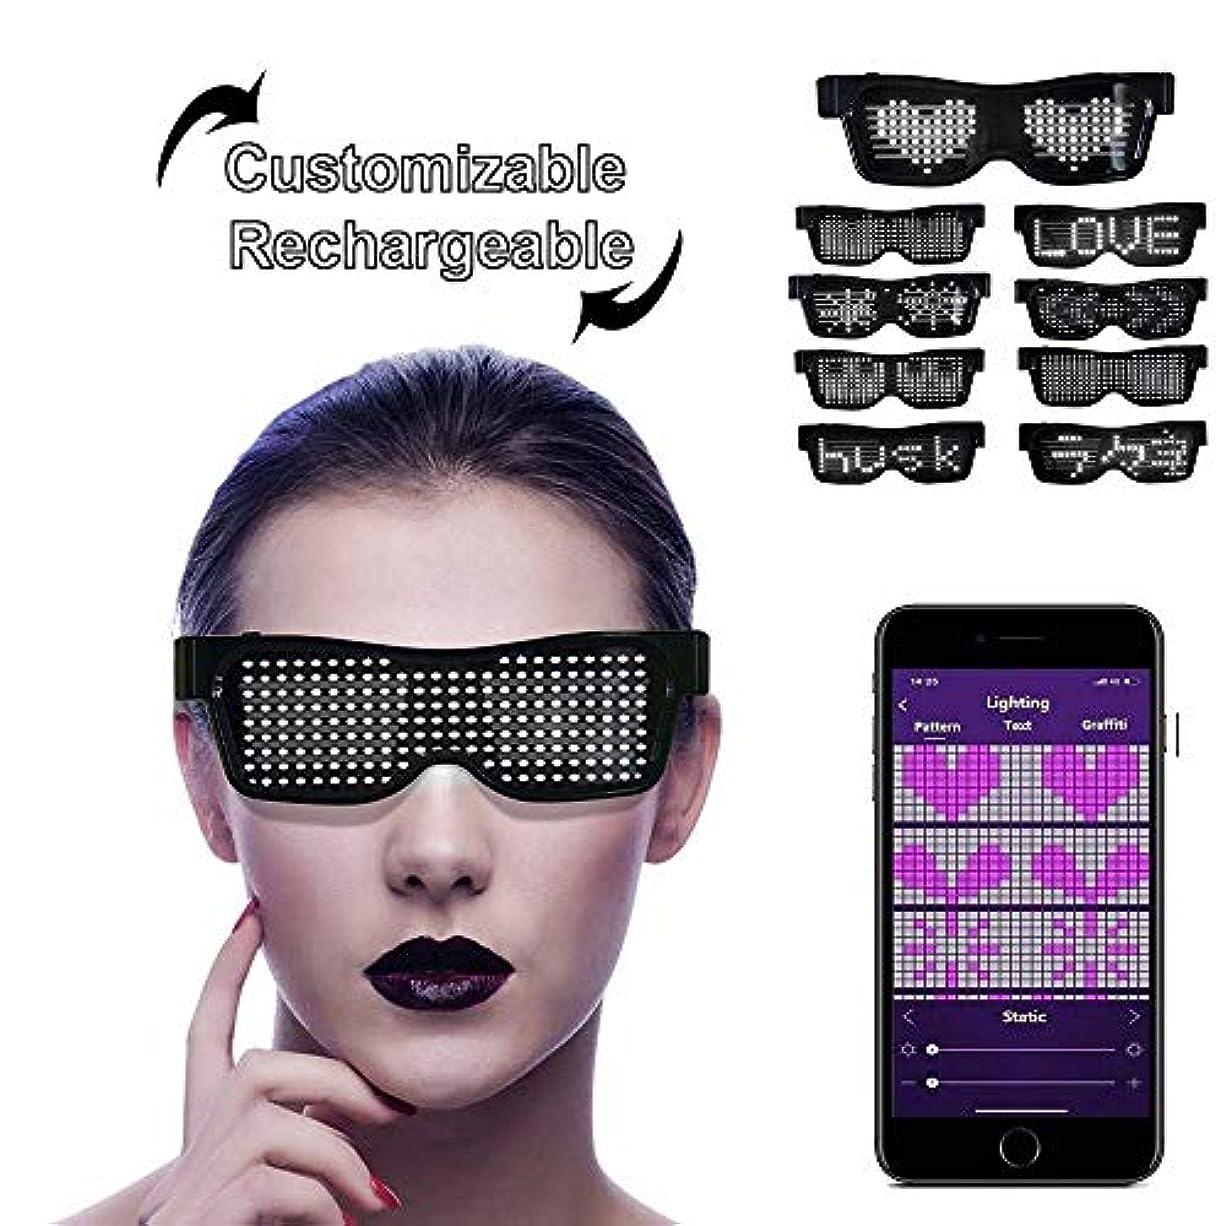 勧告道に迷いました飲み込むLEDサングラス, LEDメガネ ブルートゥースLEDパーティーメガネカスタマイズ可能なLEDメガネUSB充電式9モードワイヤレス点滅LEDディスプレイ、フェスティバル用グロー眼鏡レイヴパーティー